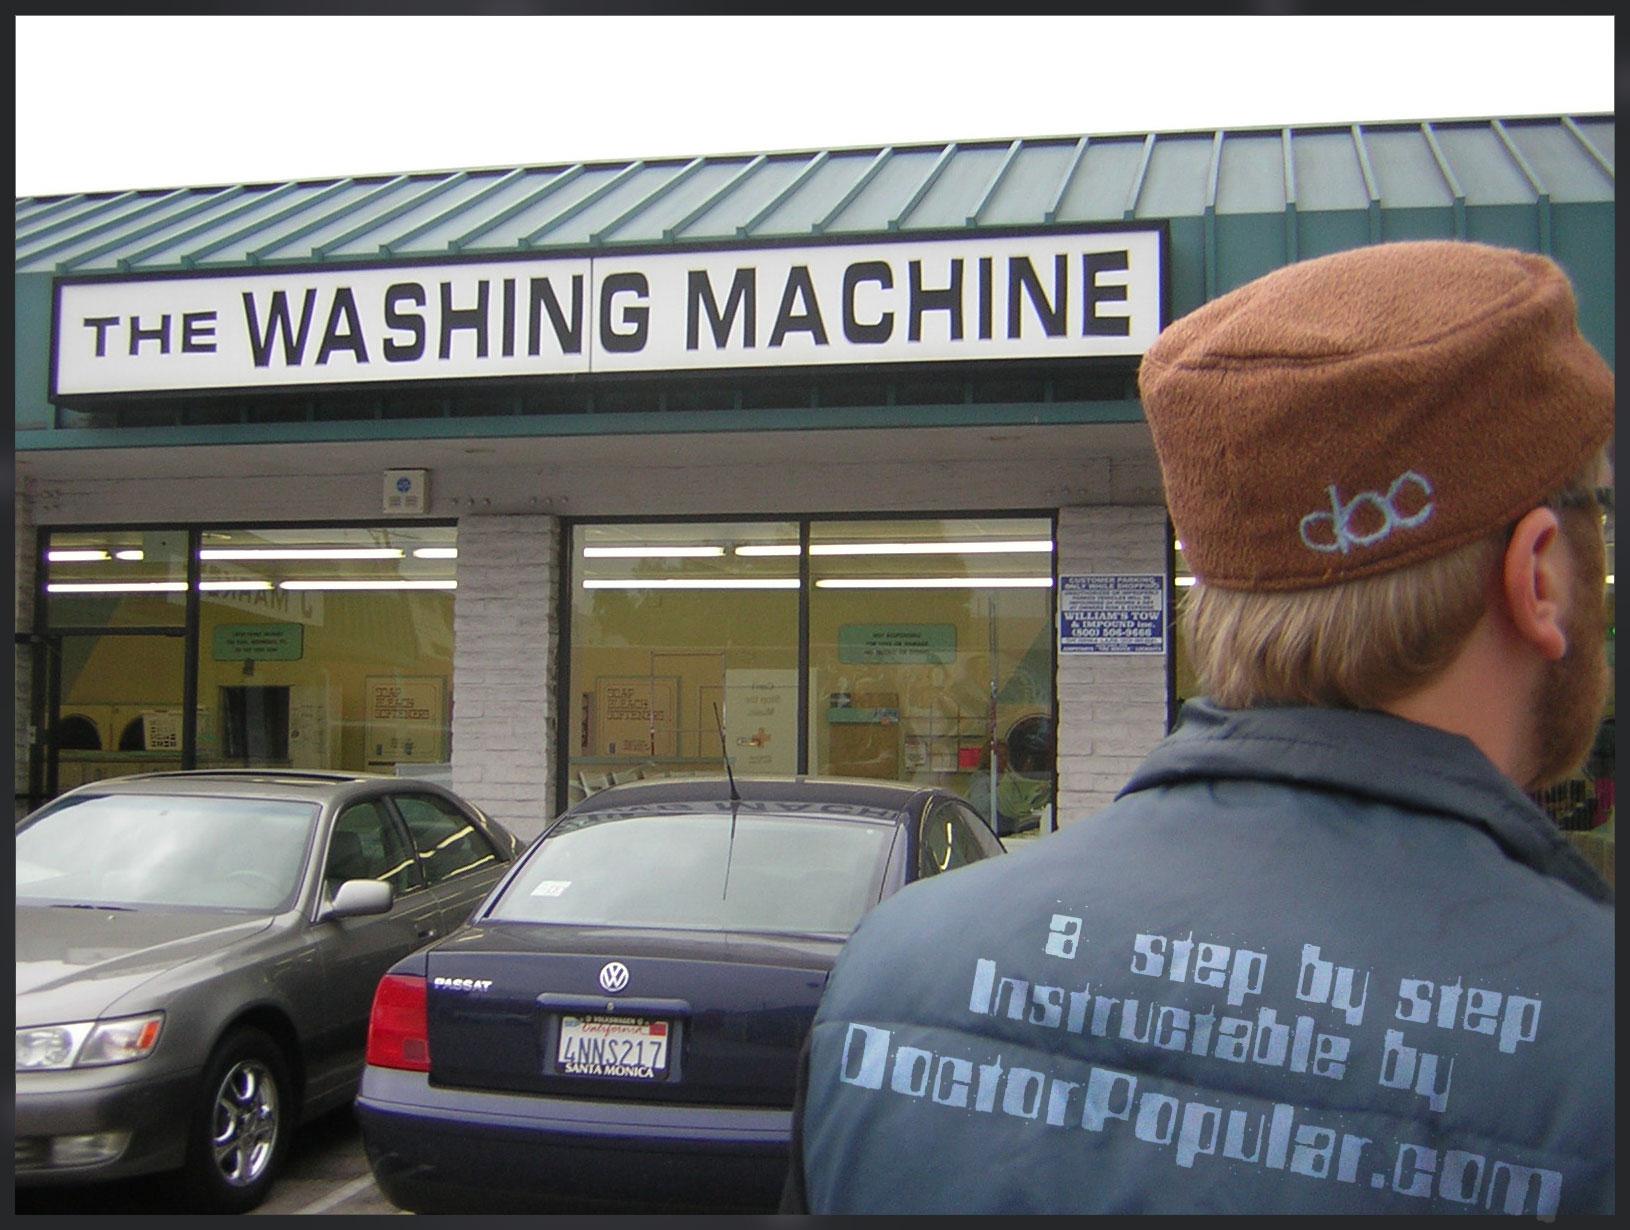 The Washing Machine with a yo-yo